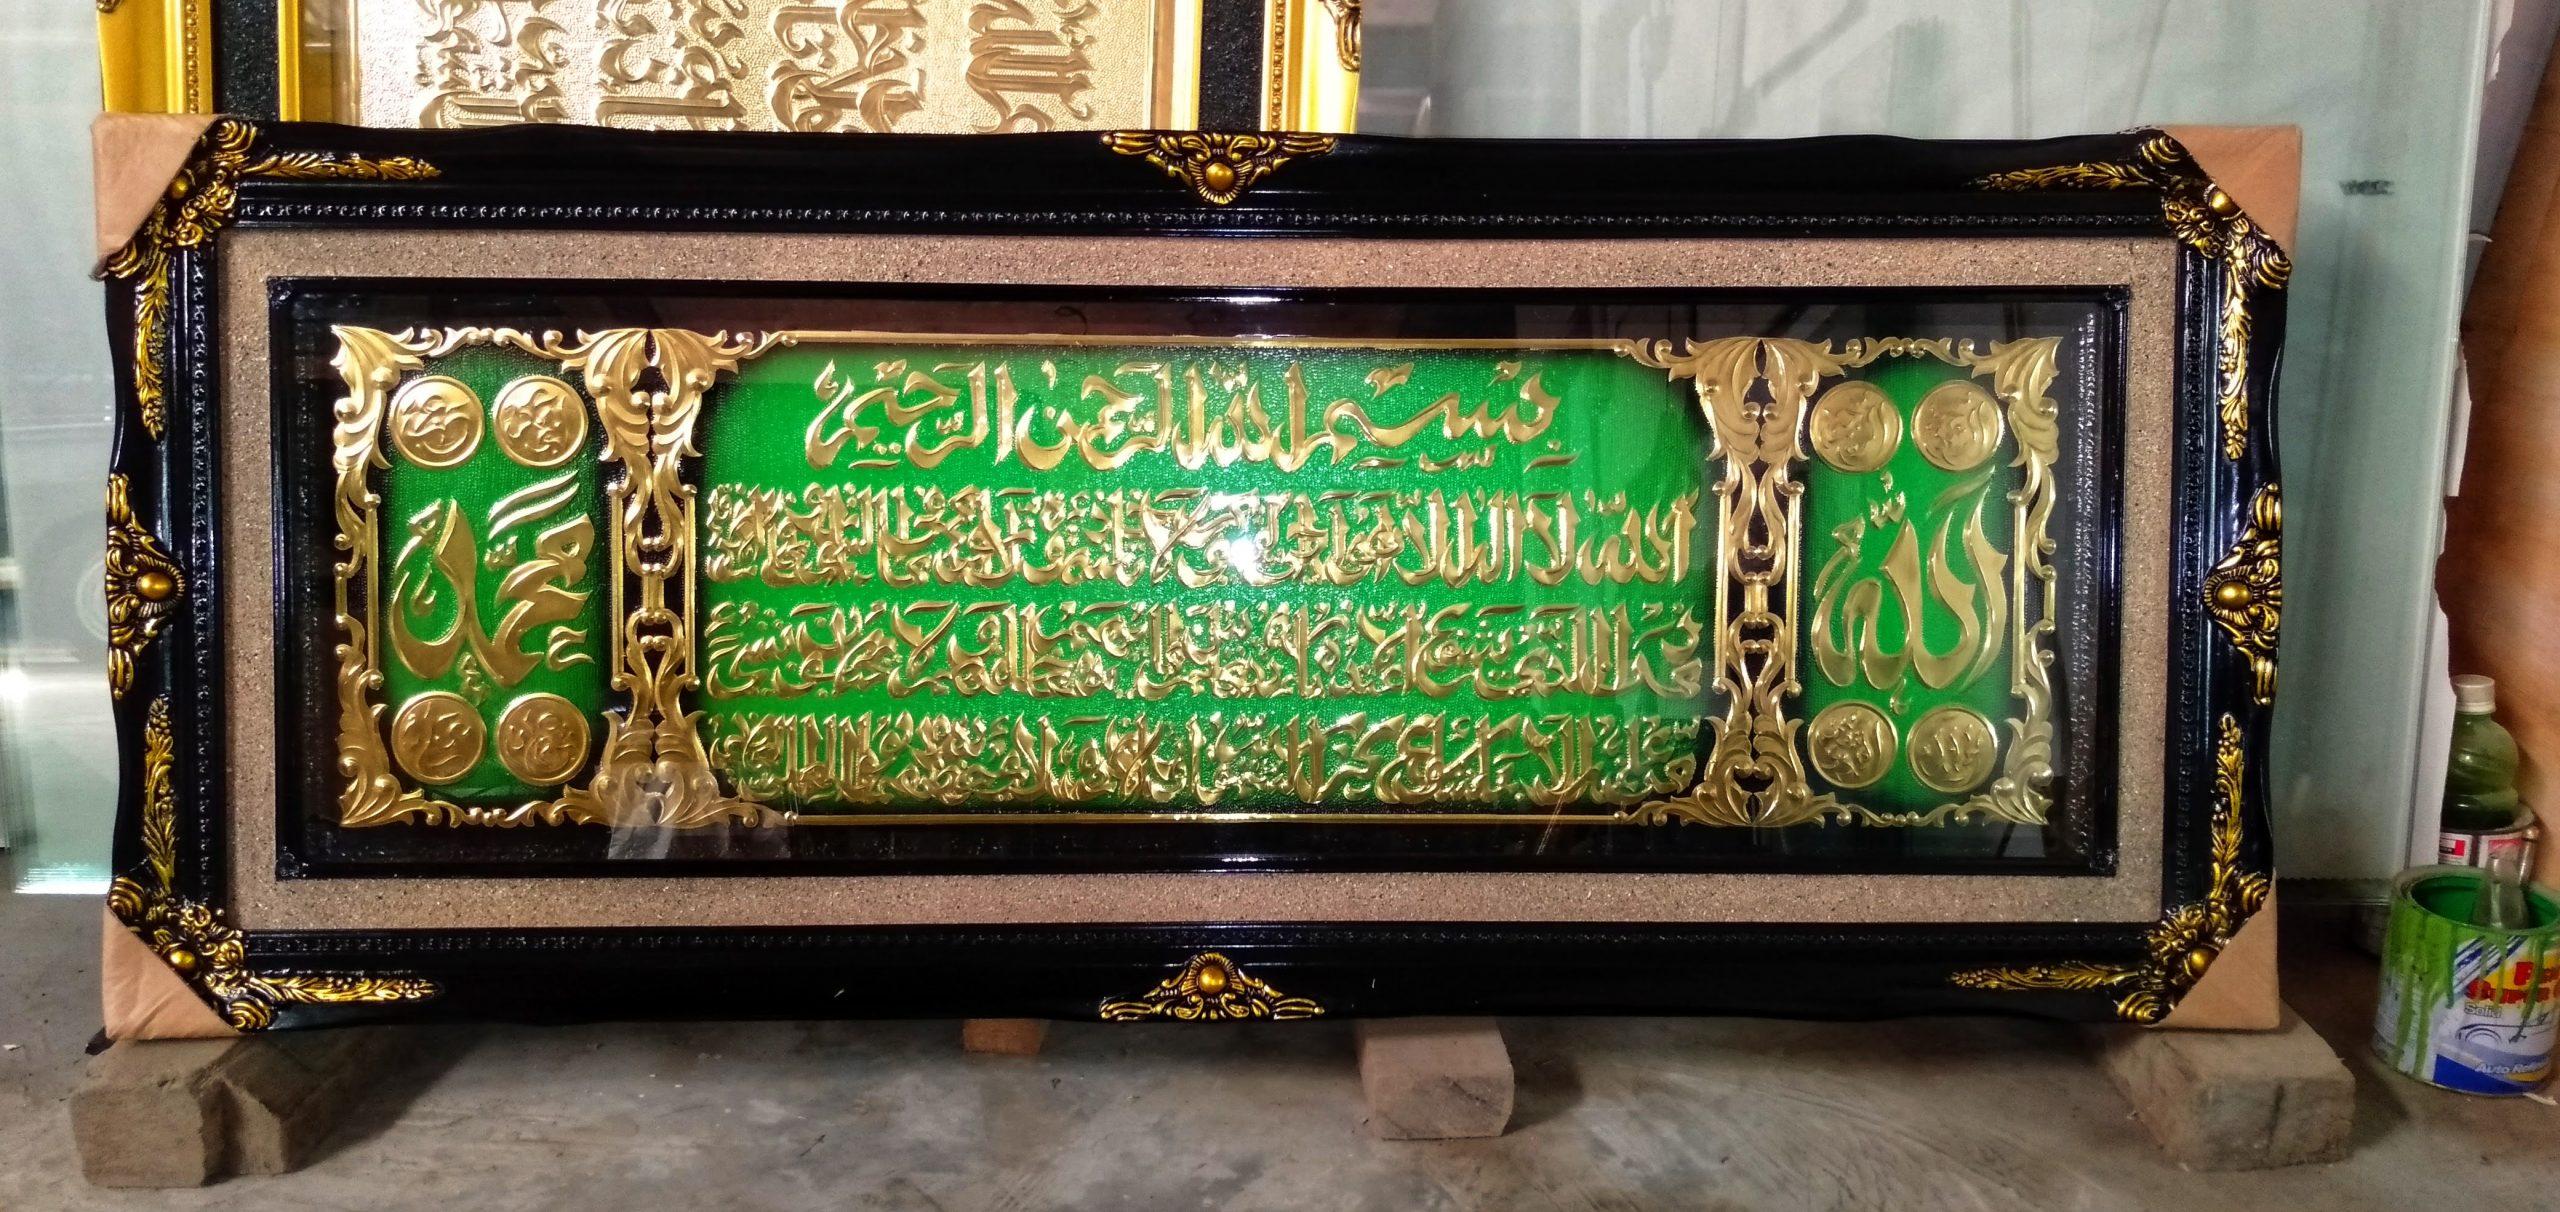 Kaligrafi Ayat Kursi Kuningan Blok Hijau Kaligrafi Kuningan Harga kaligrafi ayat kursi